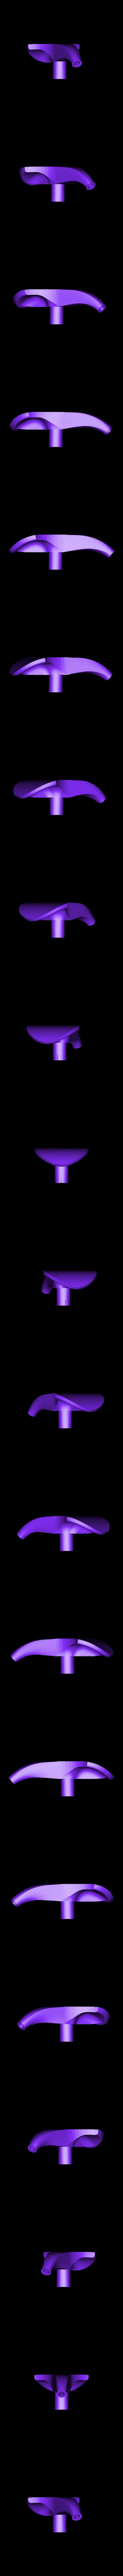 1.STL Télécharger fichier STL gratuit Bateau de bain avec distributeur de savon • Plan imprimable en 3D, jaazasja